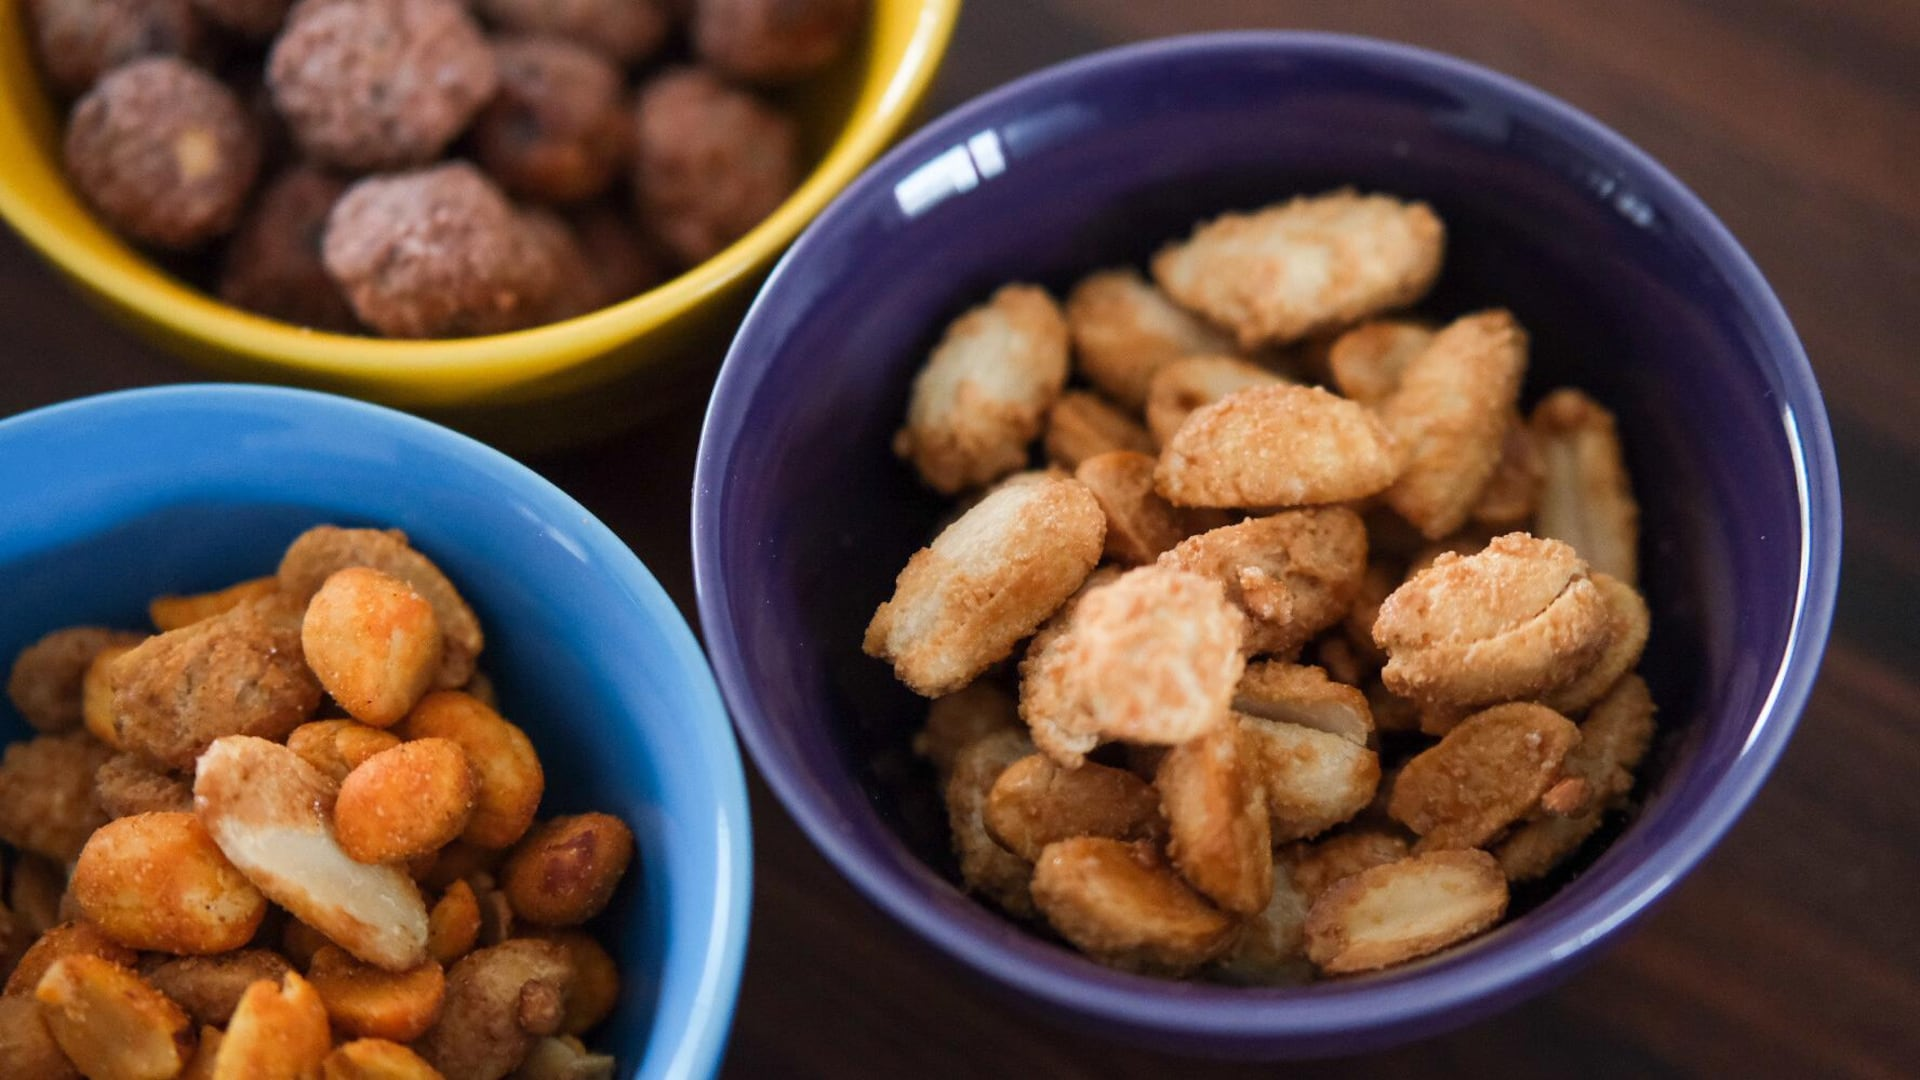 Des arachides au sirop d'érable.